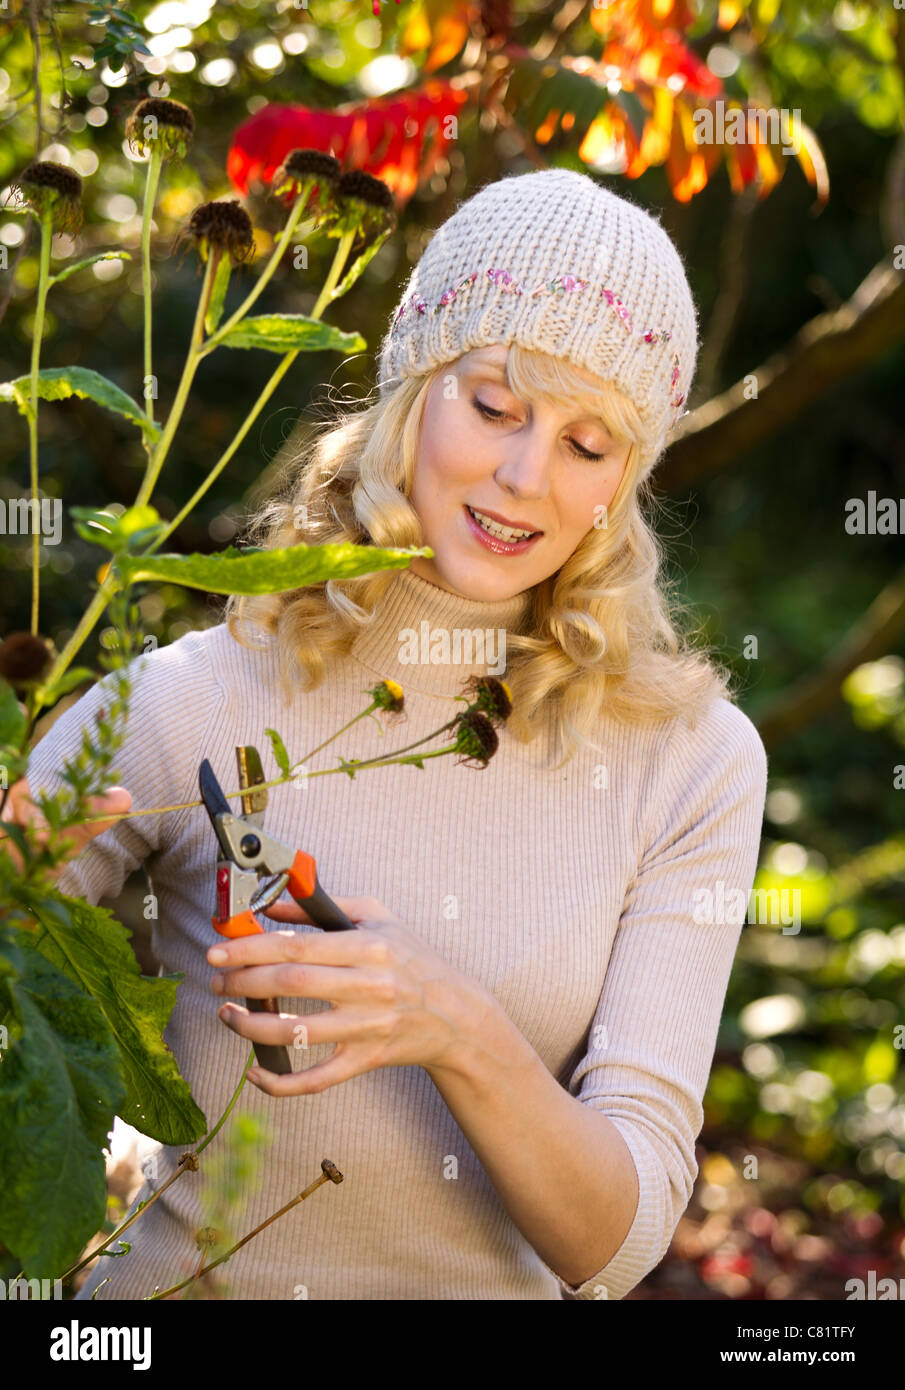 garden in autumn stockfotos garden in autumn bilder alamy. Black Bedroom Furniture Sets. Home Design Ideas